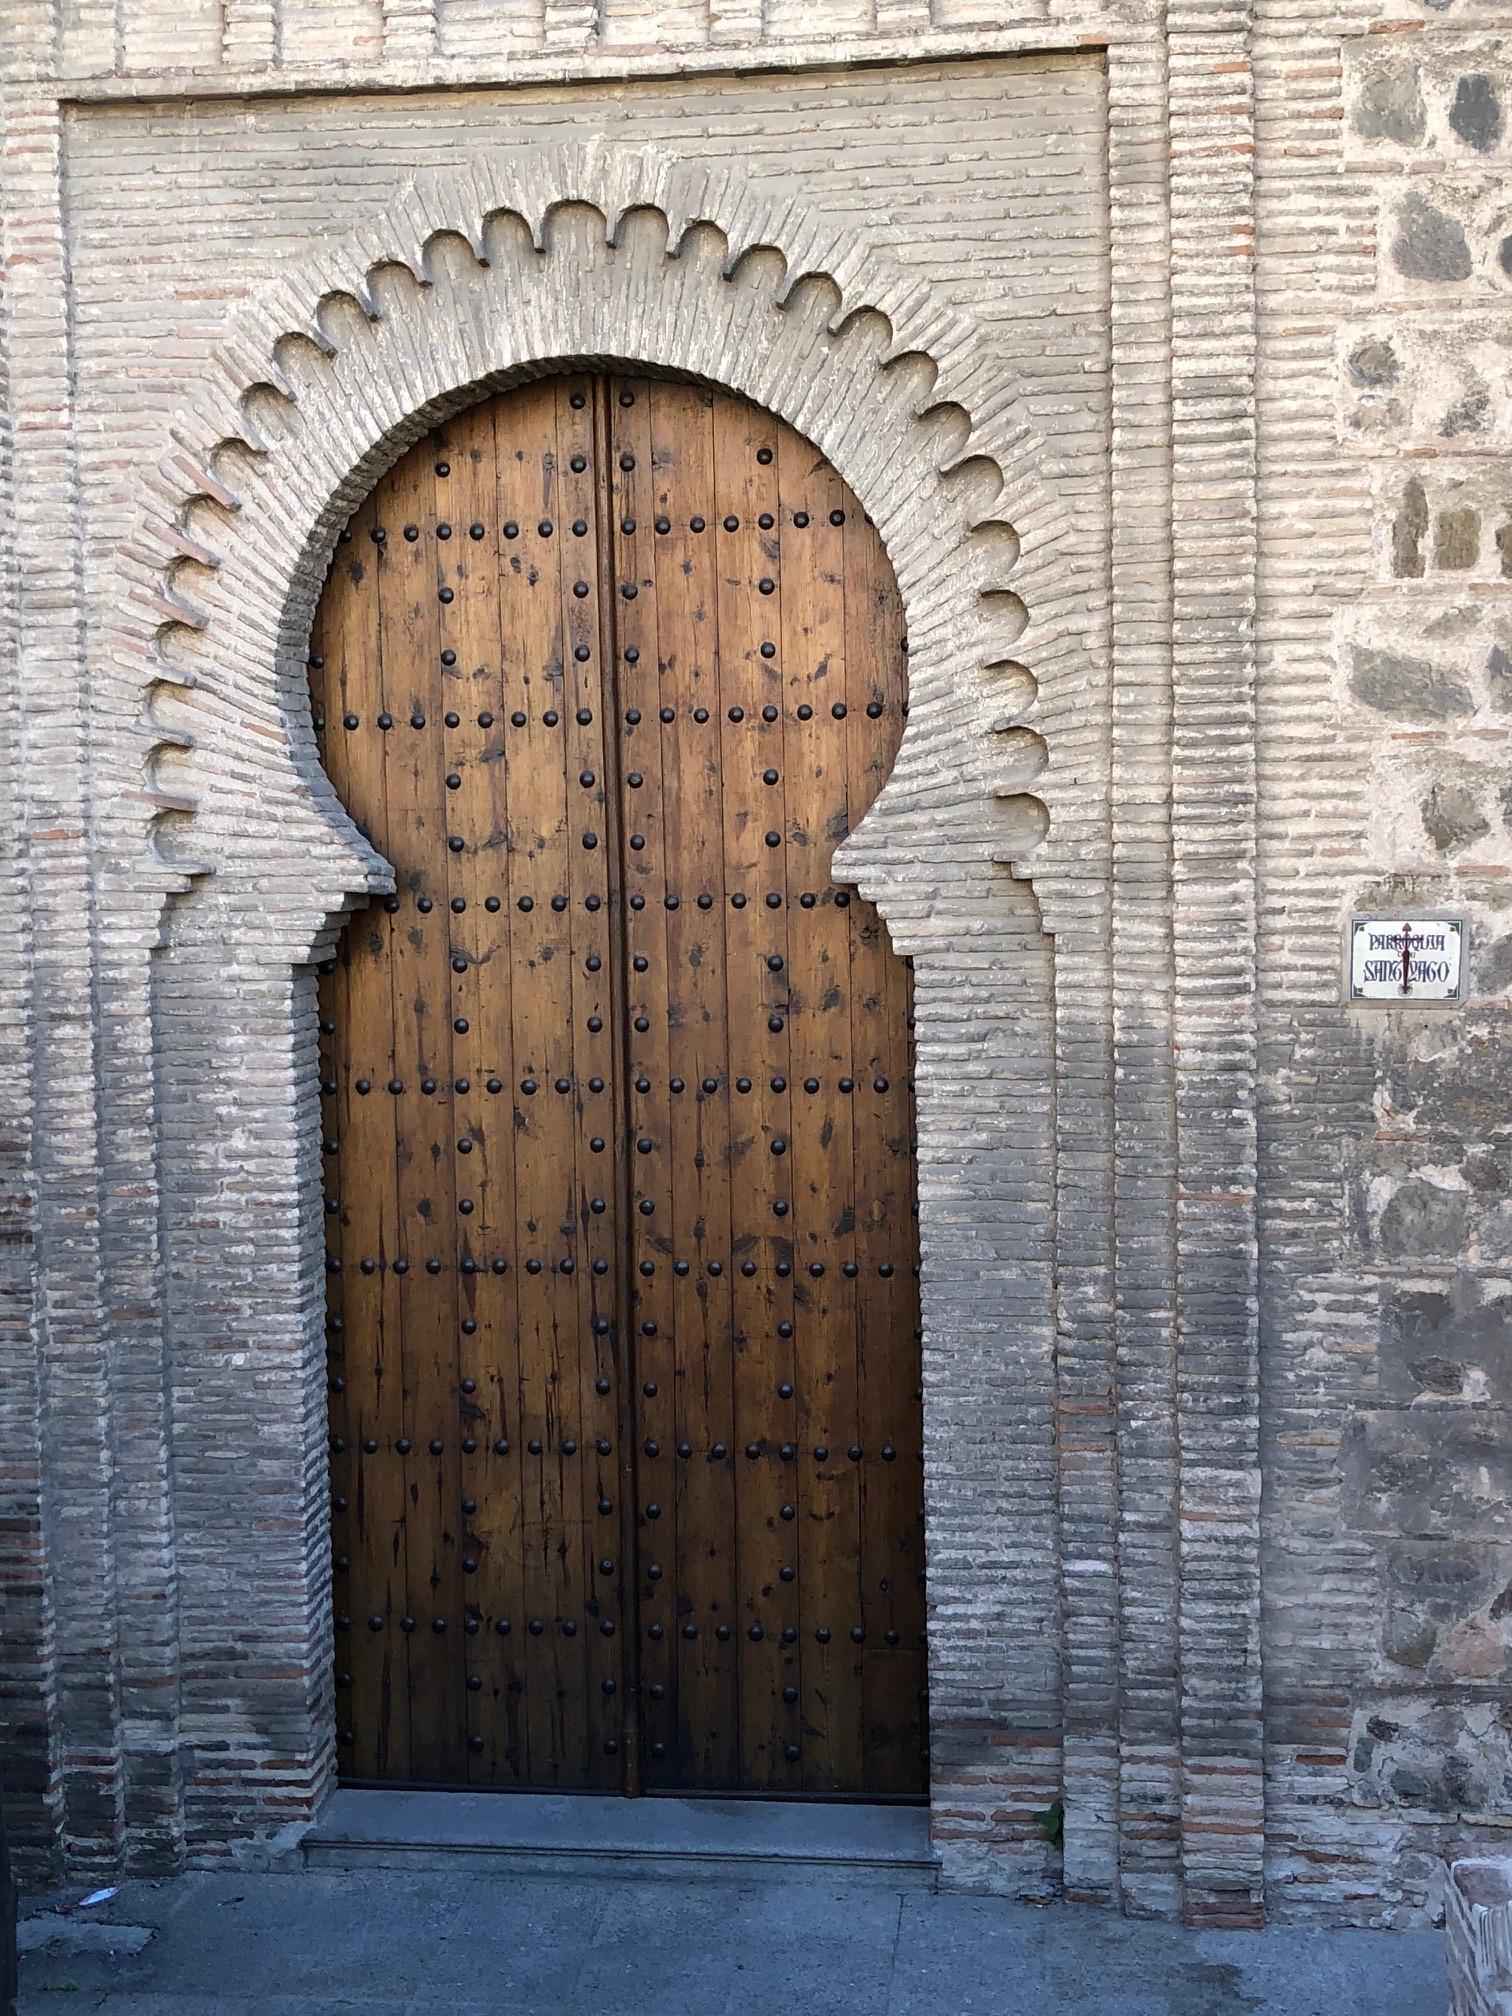 Santiago, unfortunately closed.